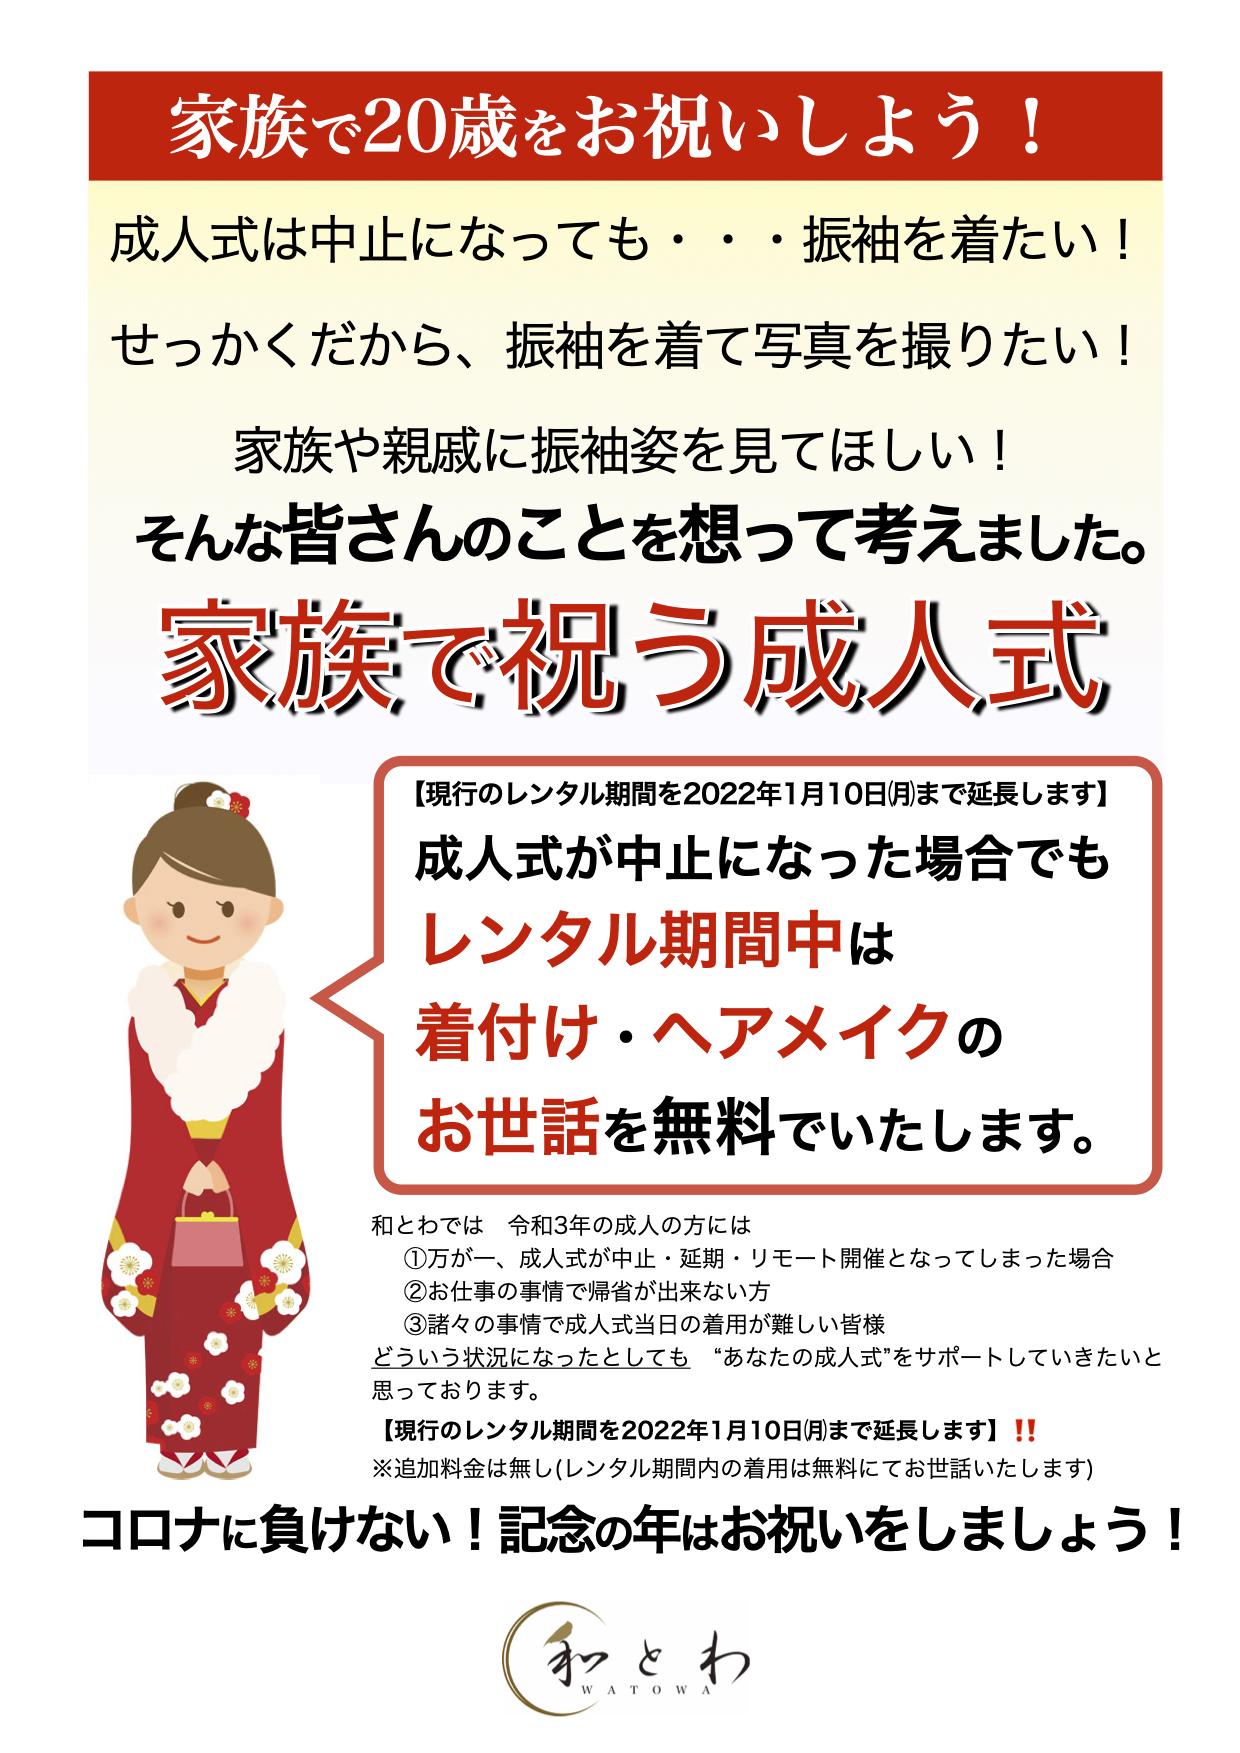 レンタル期間延長・ペラ・1